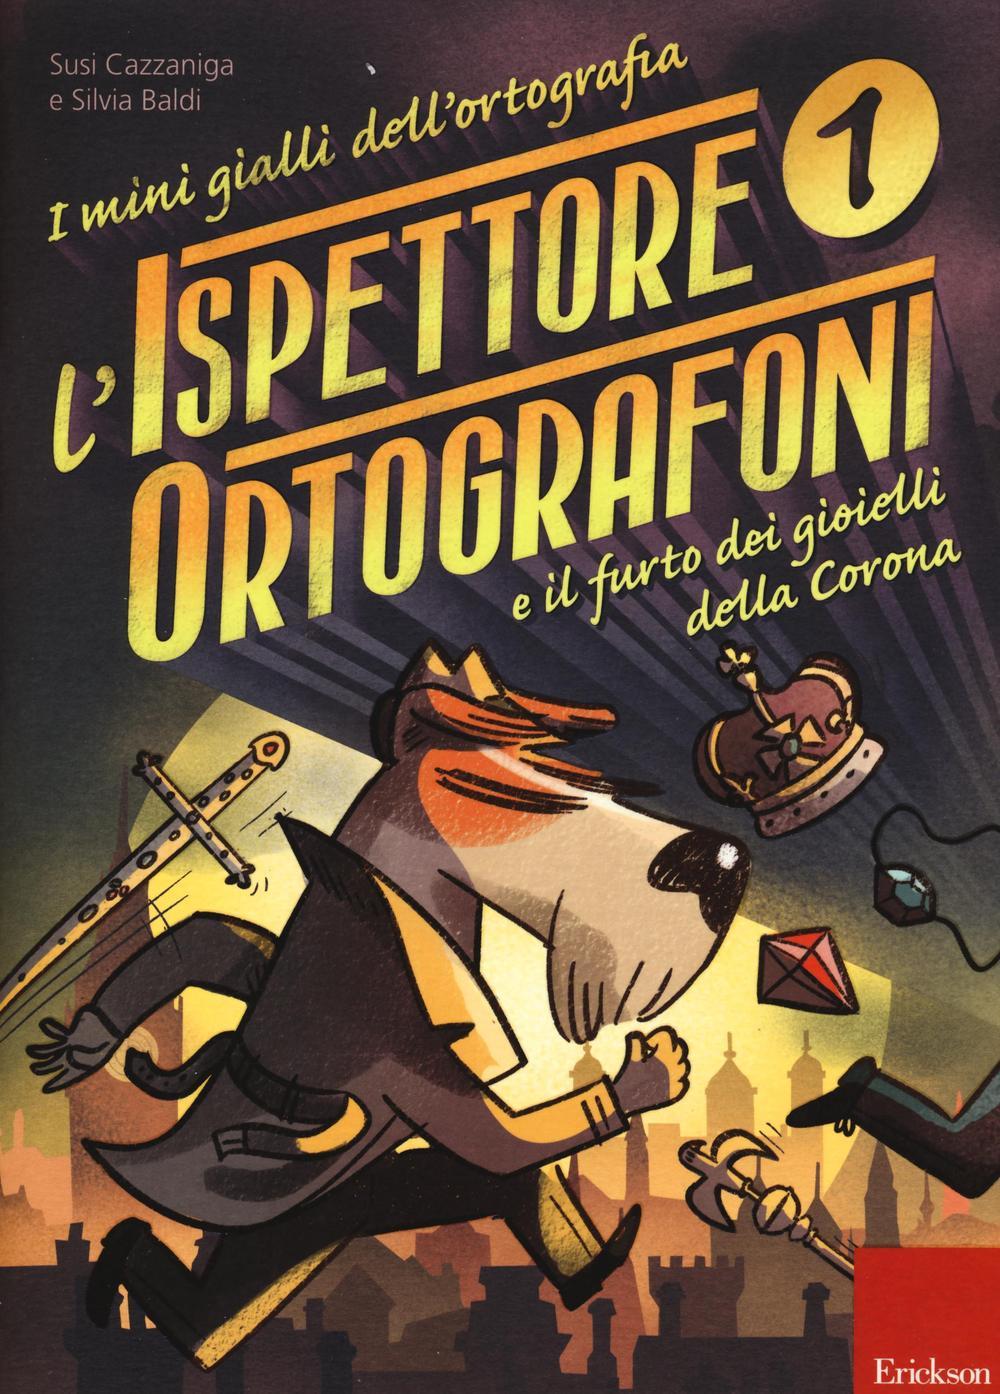 L'ispettore Ortografoni e il furto dei gioielli della Corona. I mini gialli dell'ortografia. Con adesivi. Vol. 1